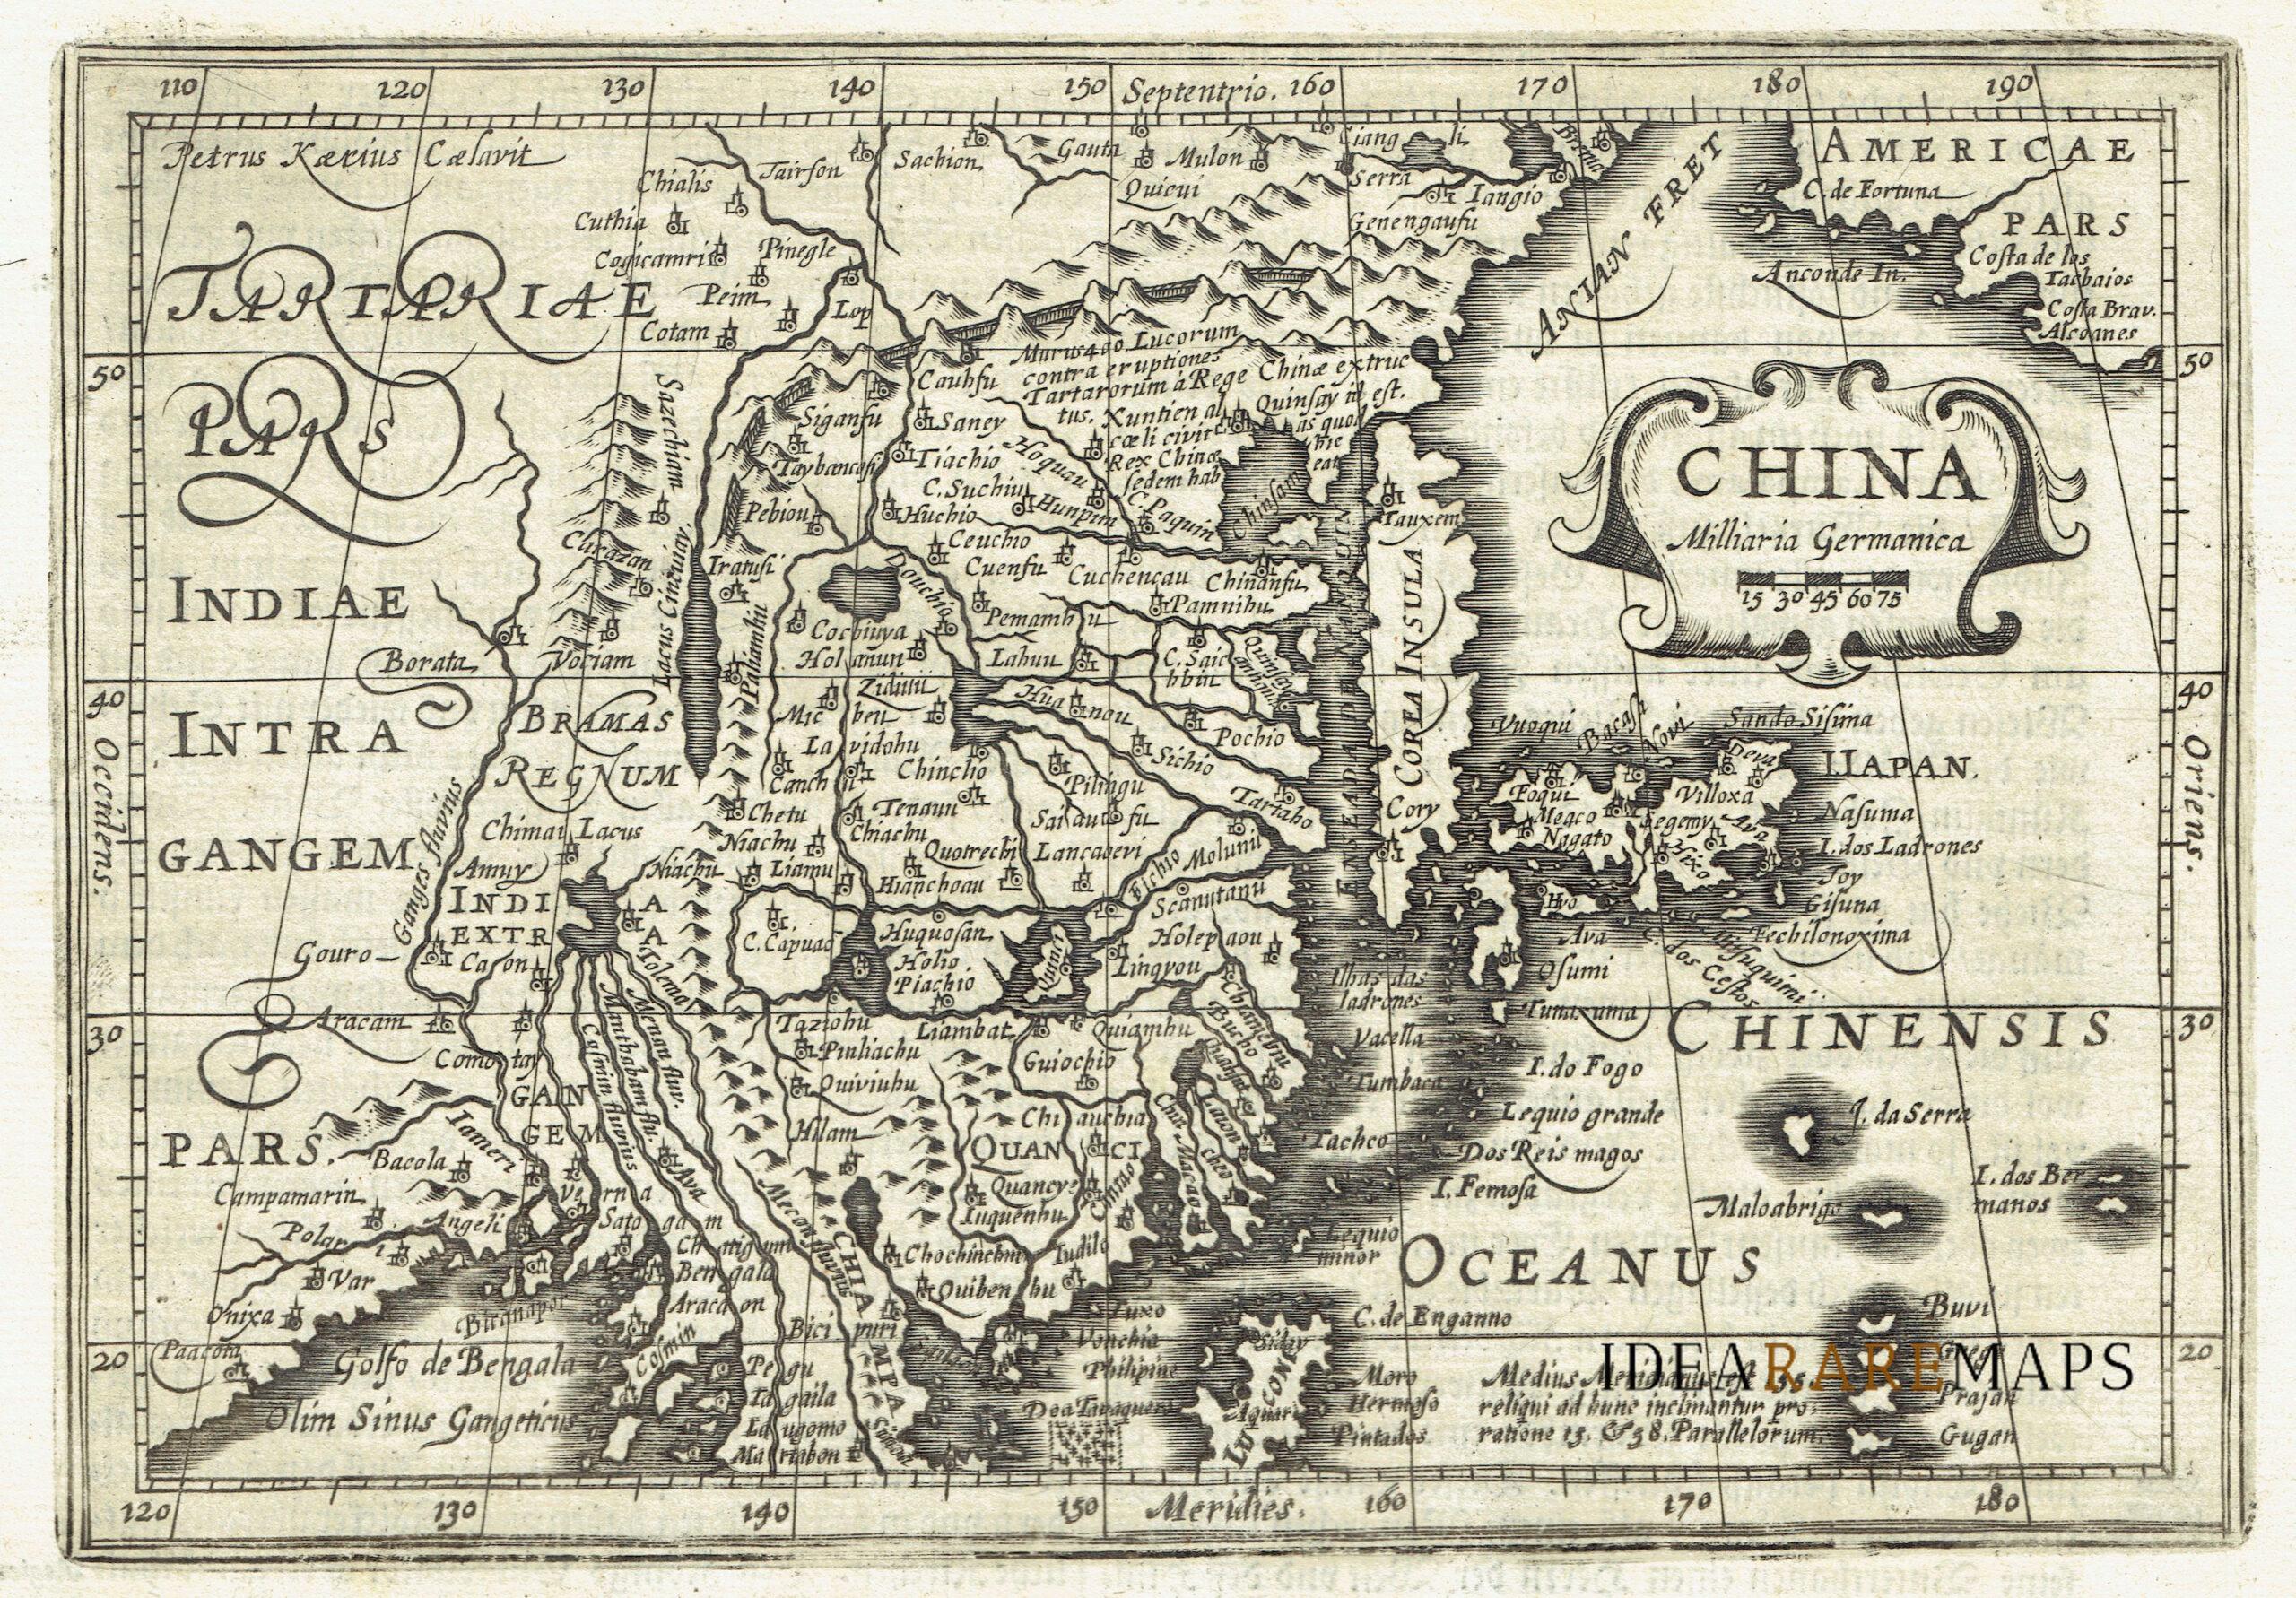 Cartina Geografica Della Cina.Carta Geografica Antica Della Cina China Idea Rare Maps